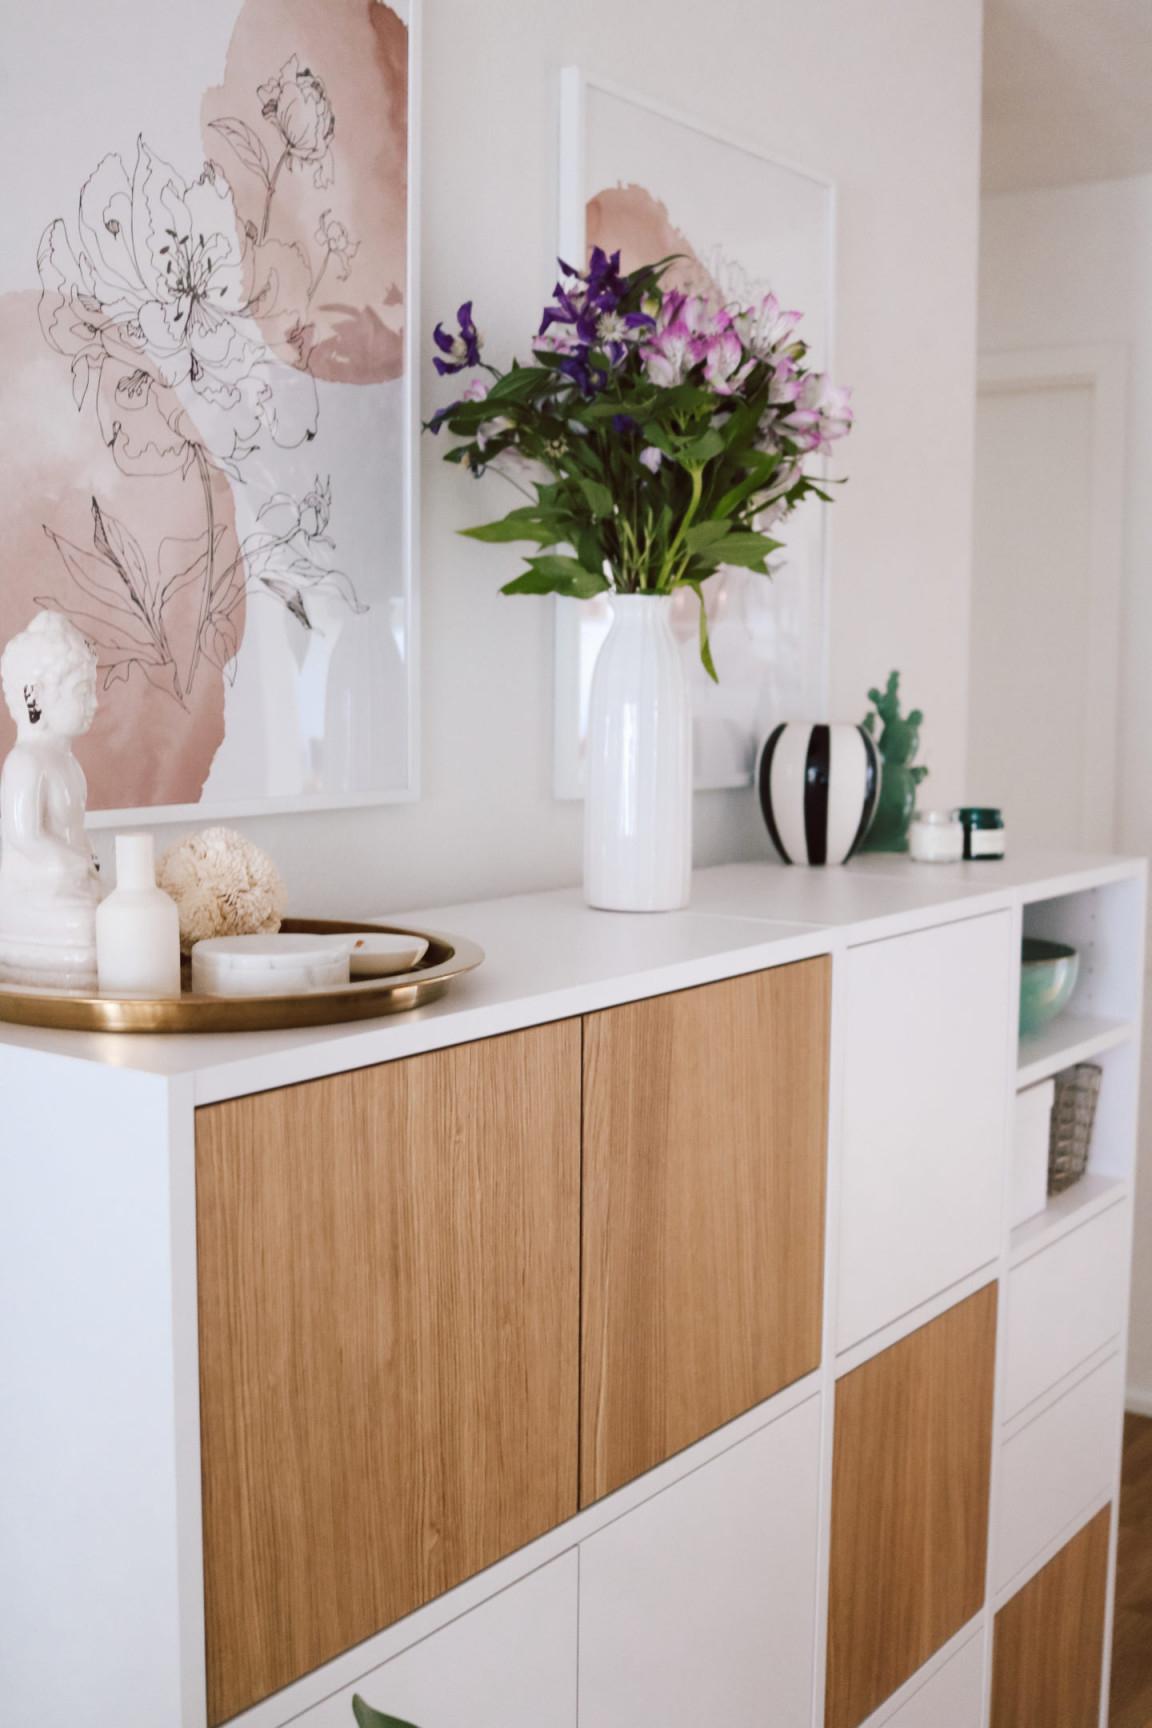 Inspiration Wohnzimmer Sideboard Deko – Caseconrad von Deko Für Sideboard Wohnzimmer Bild